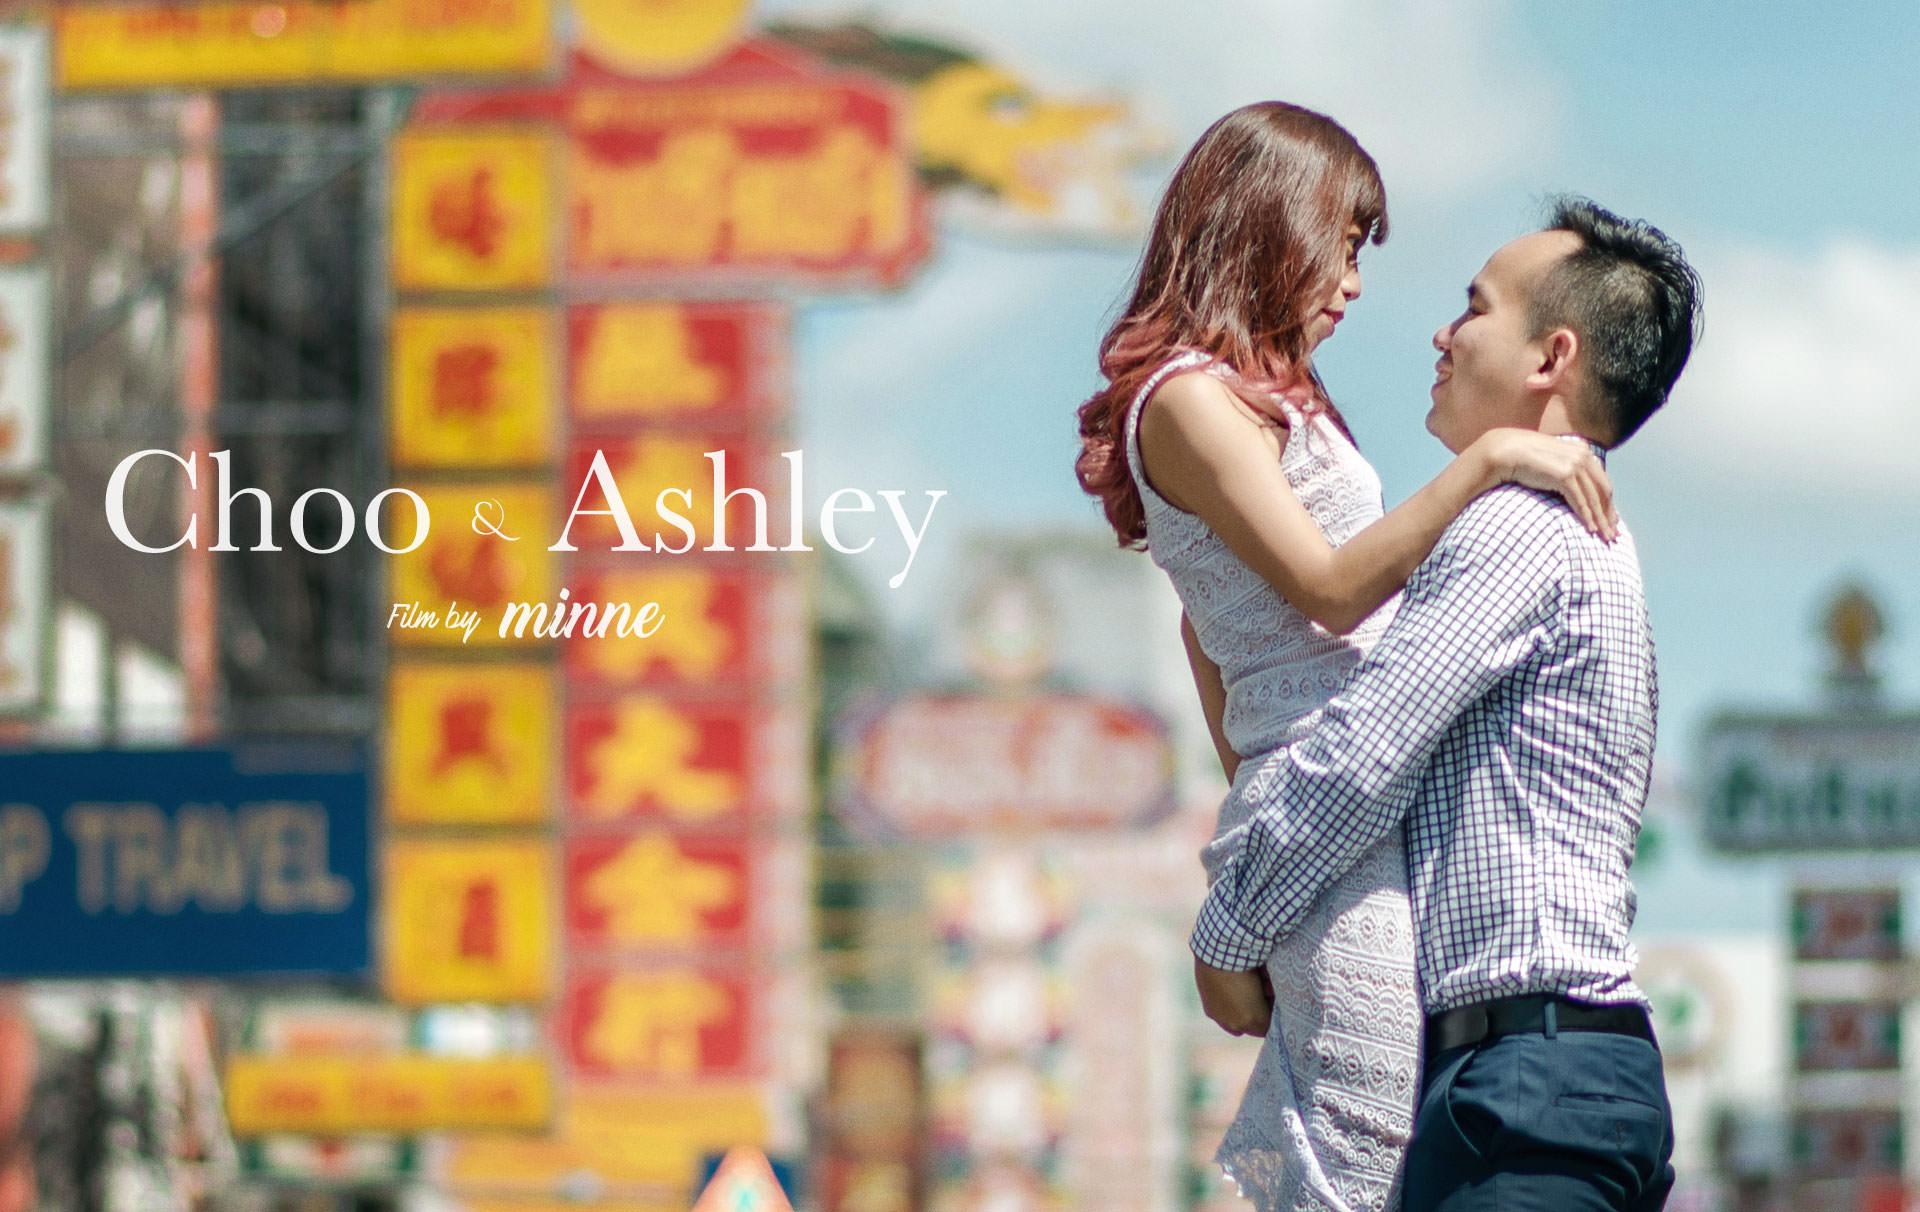 Prewedding Film Choo & Ashley, Bangkok Thailand